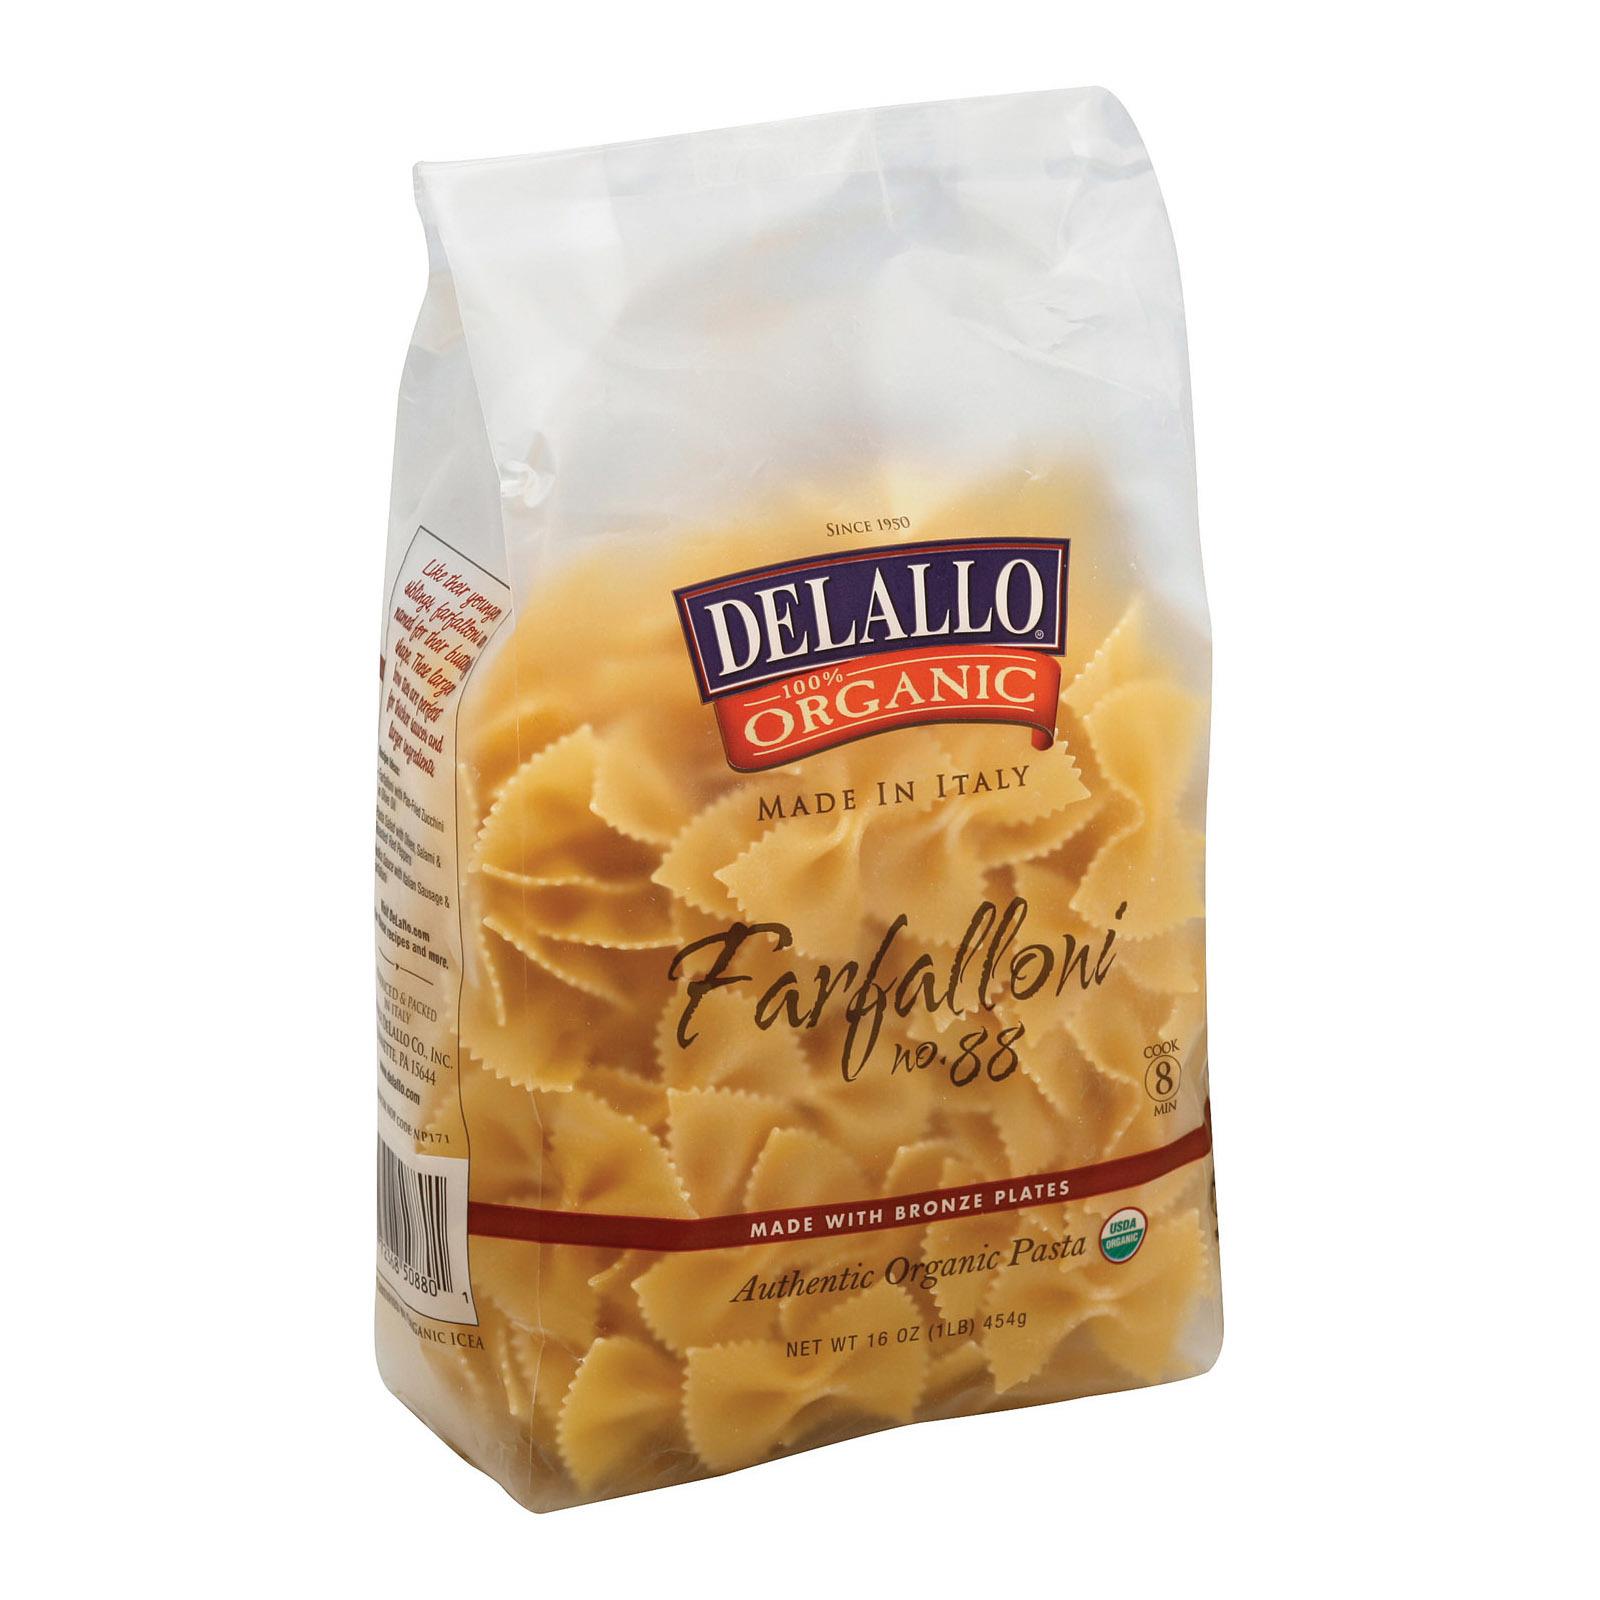 Delallo Organic Farfalloni Pasta - Case of 16 - 1 lb.